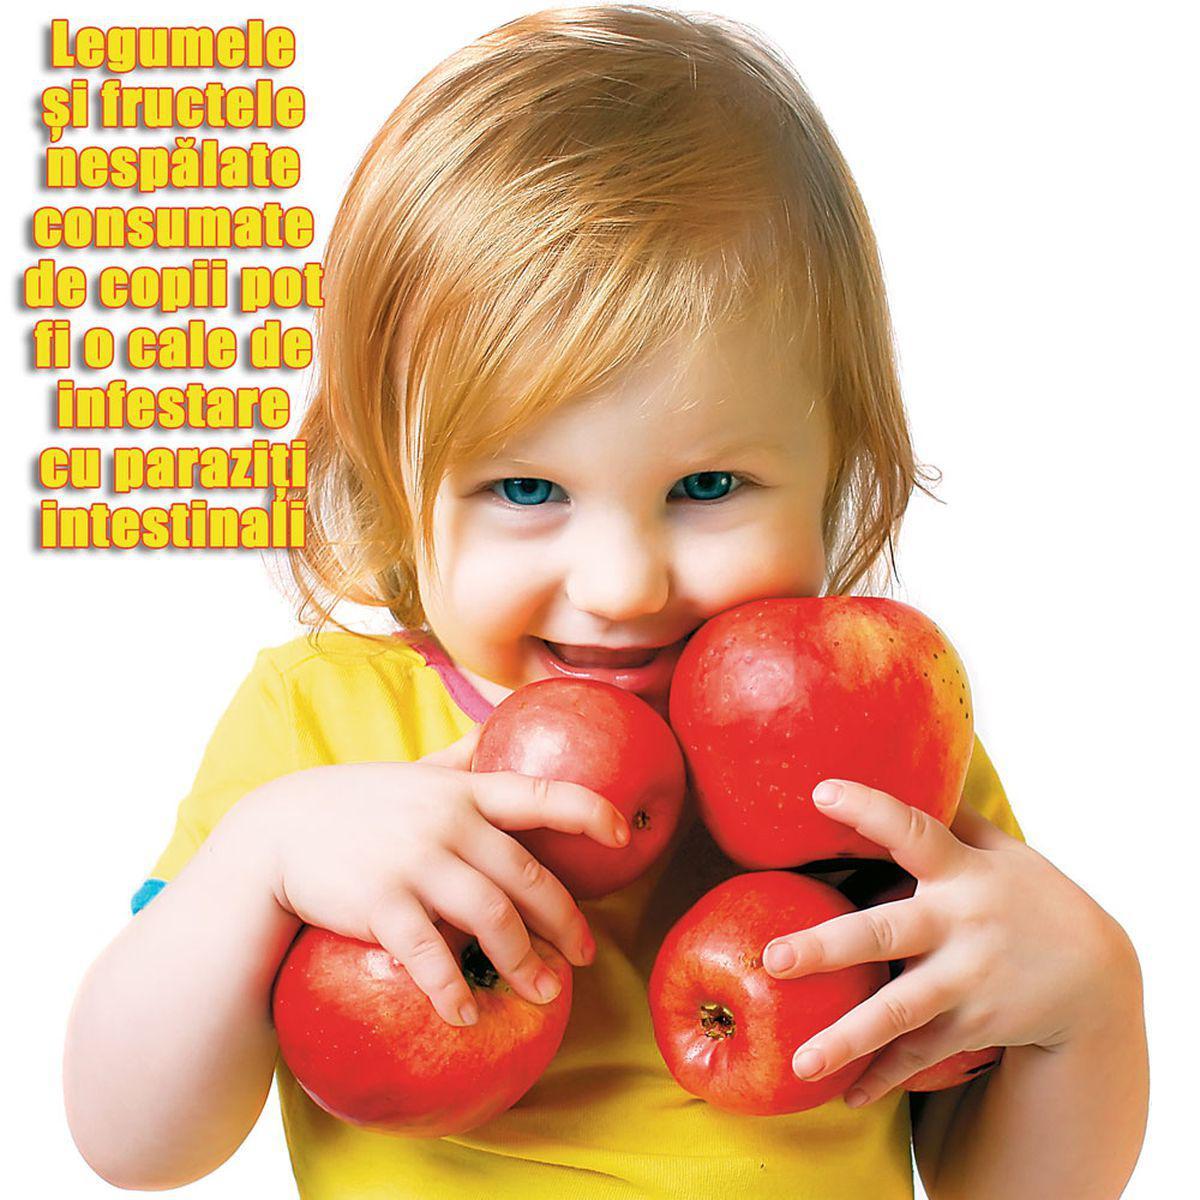 Preparate parazite naturale, 85 Best retete images   Sănătate, Remedii naturiste, Remedii naturale